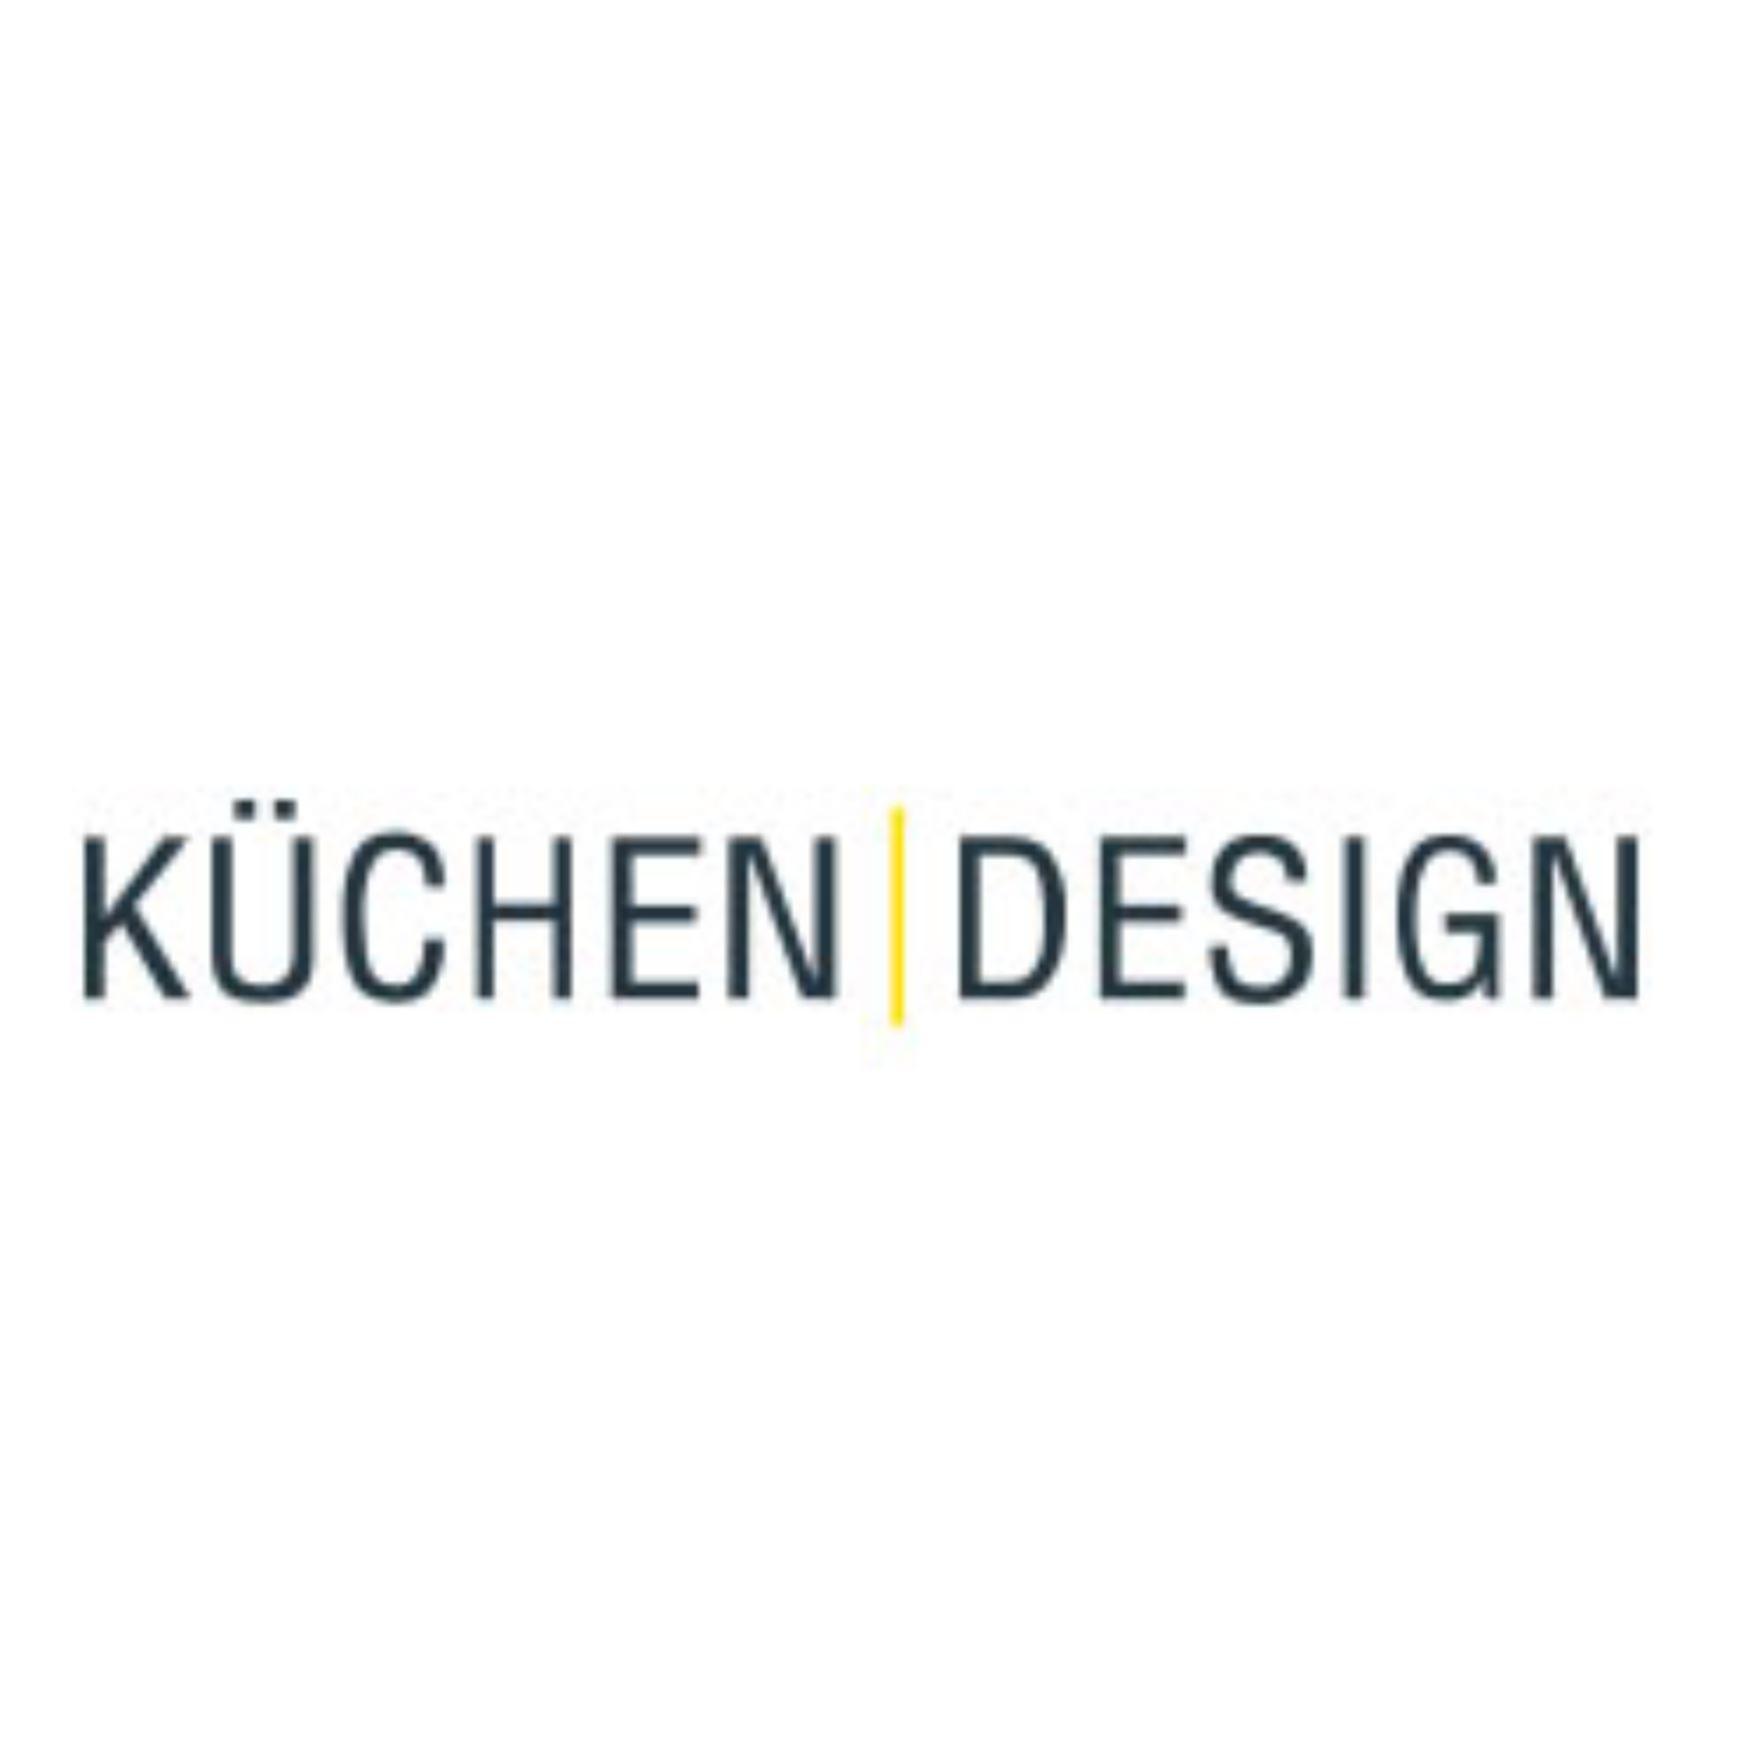 Küchen - Design Kow Design GmbH